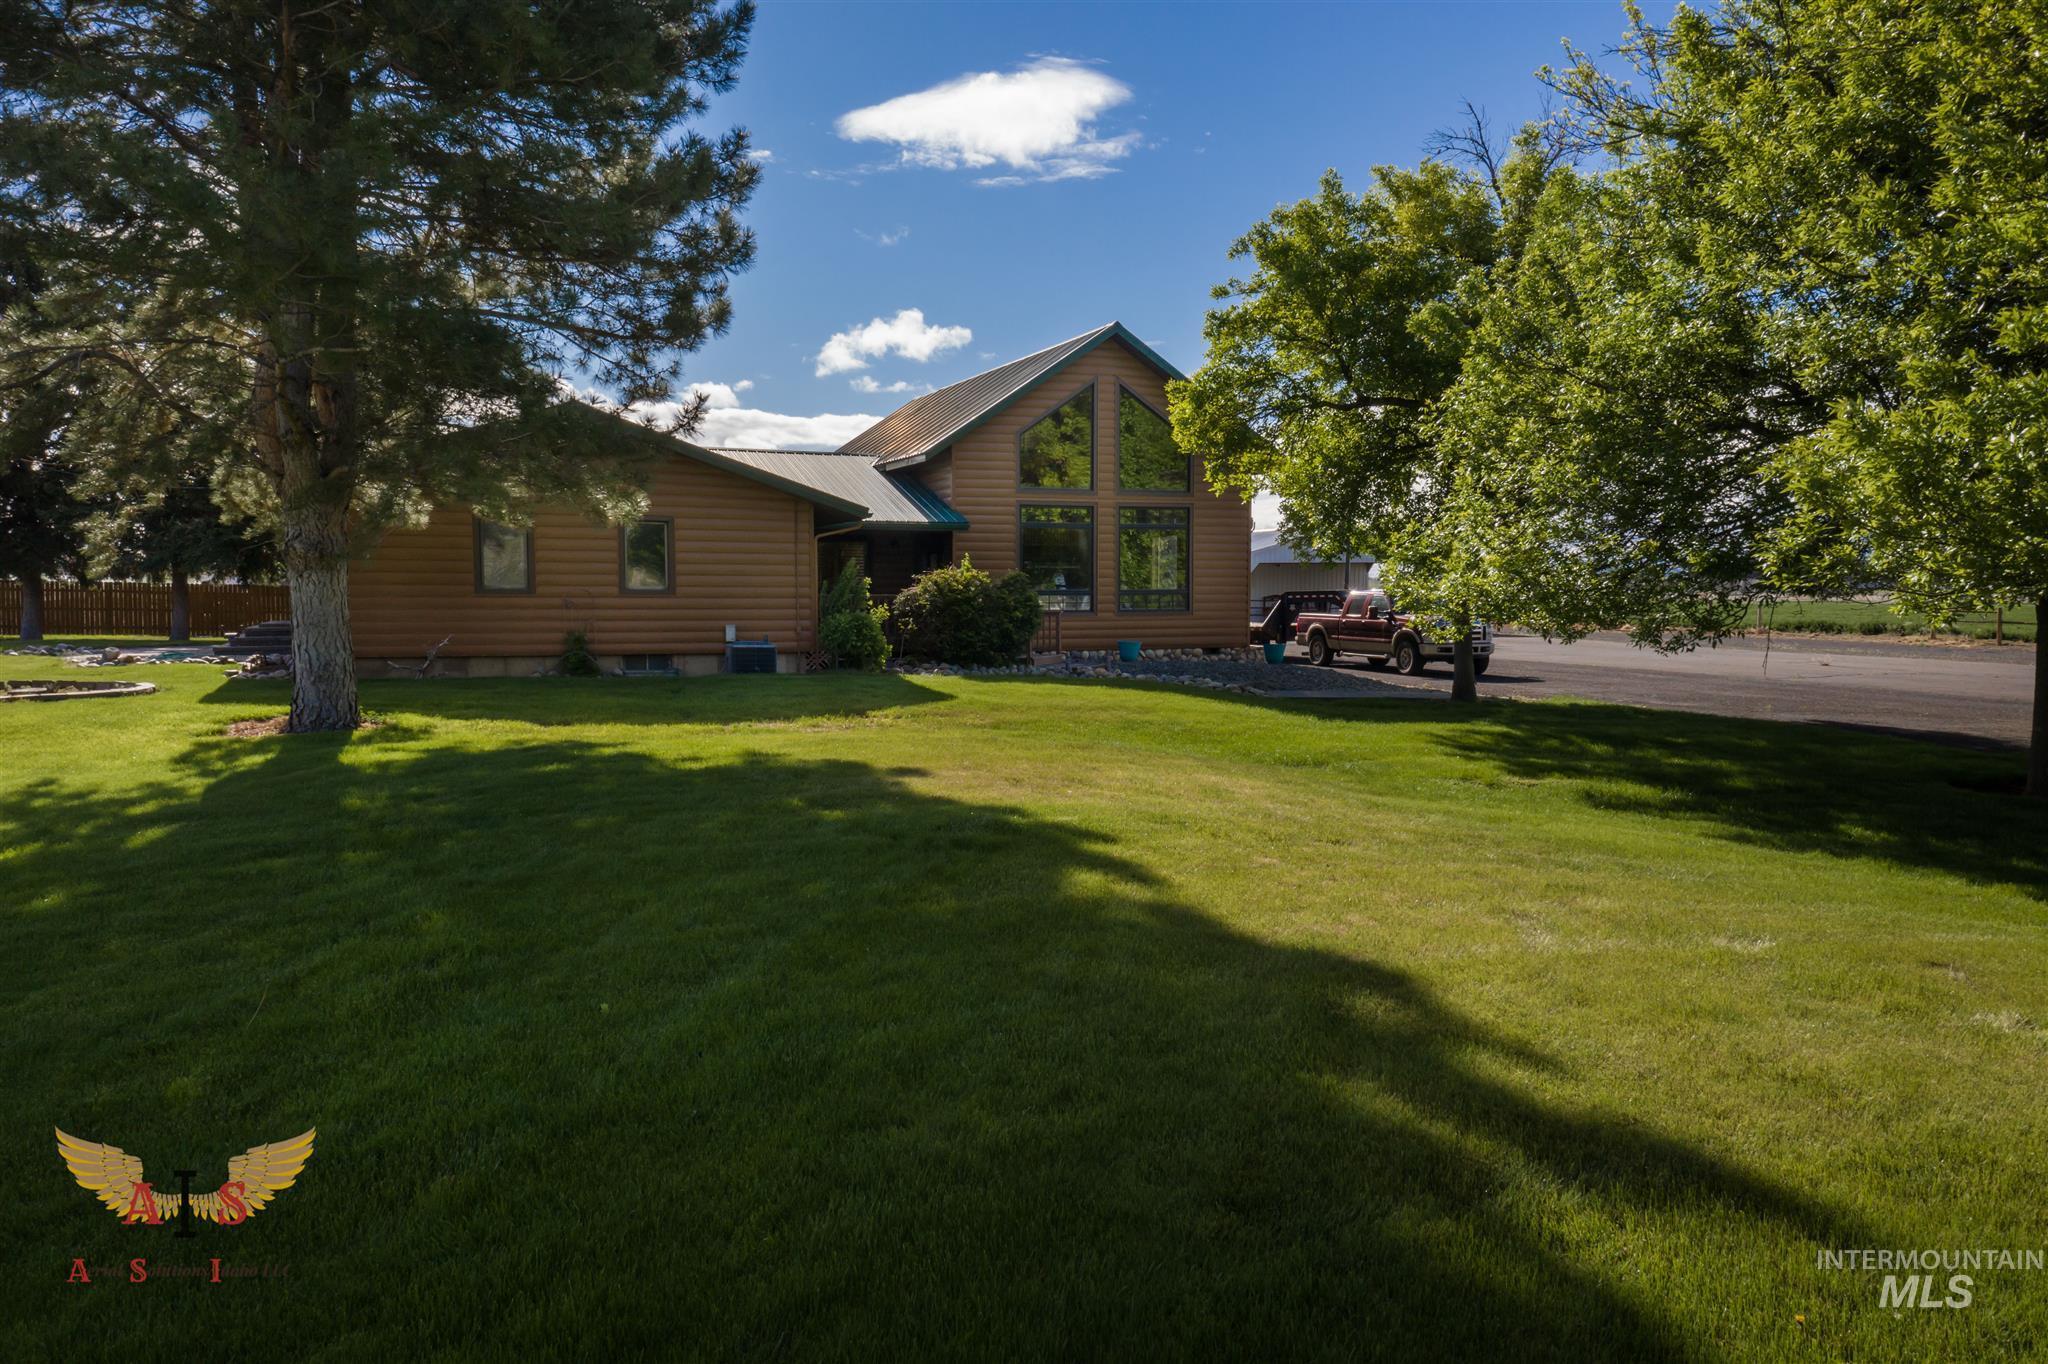 352 S 500 W Property Photo 1